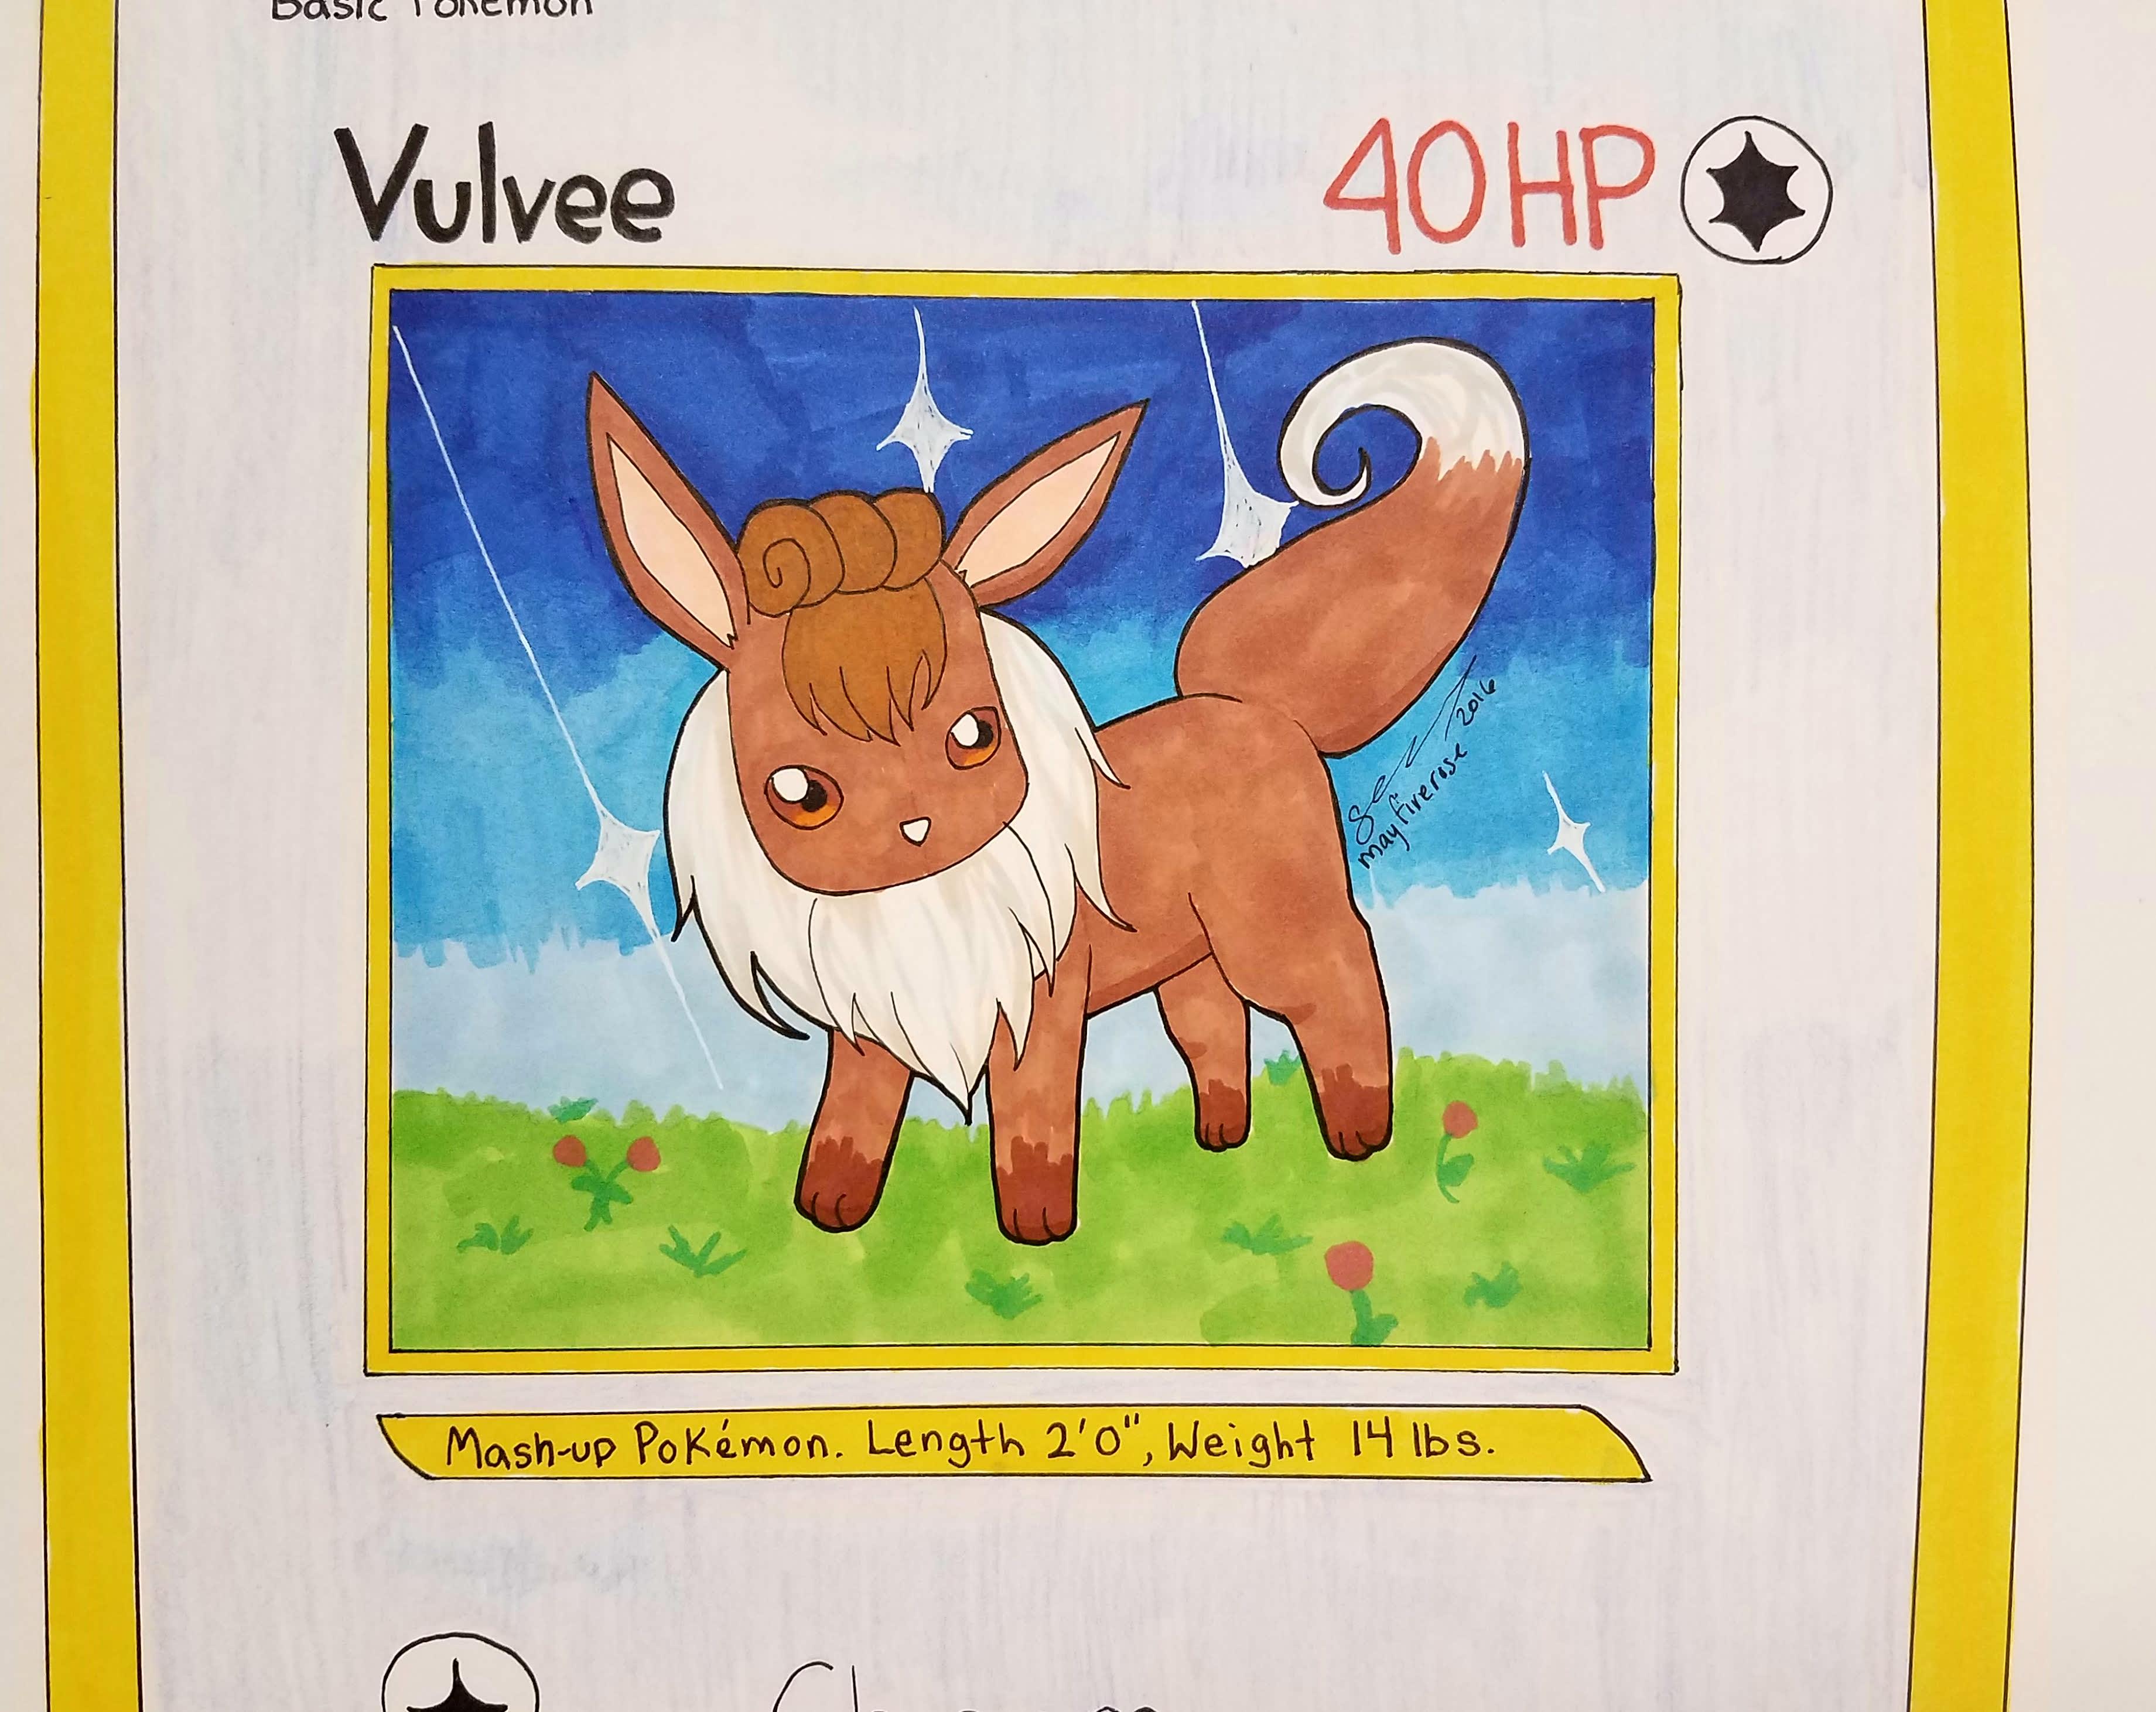 Mashup of Vulpix and Eevee Vulvee